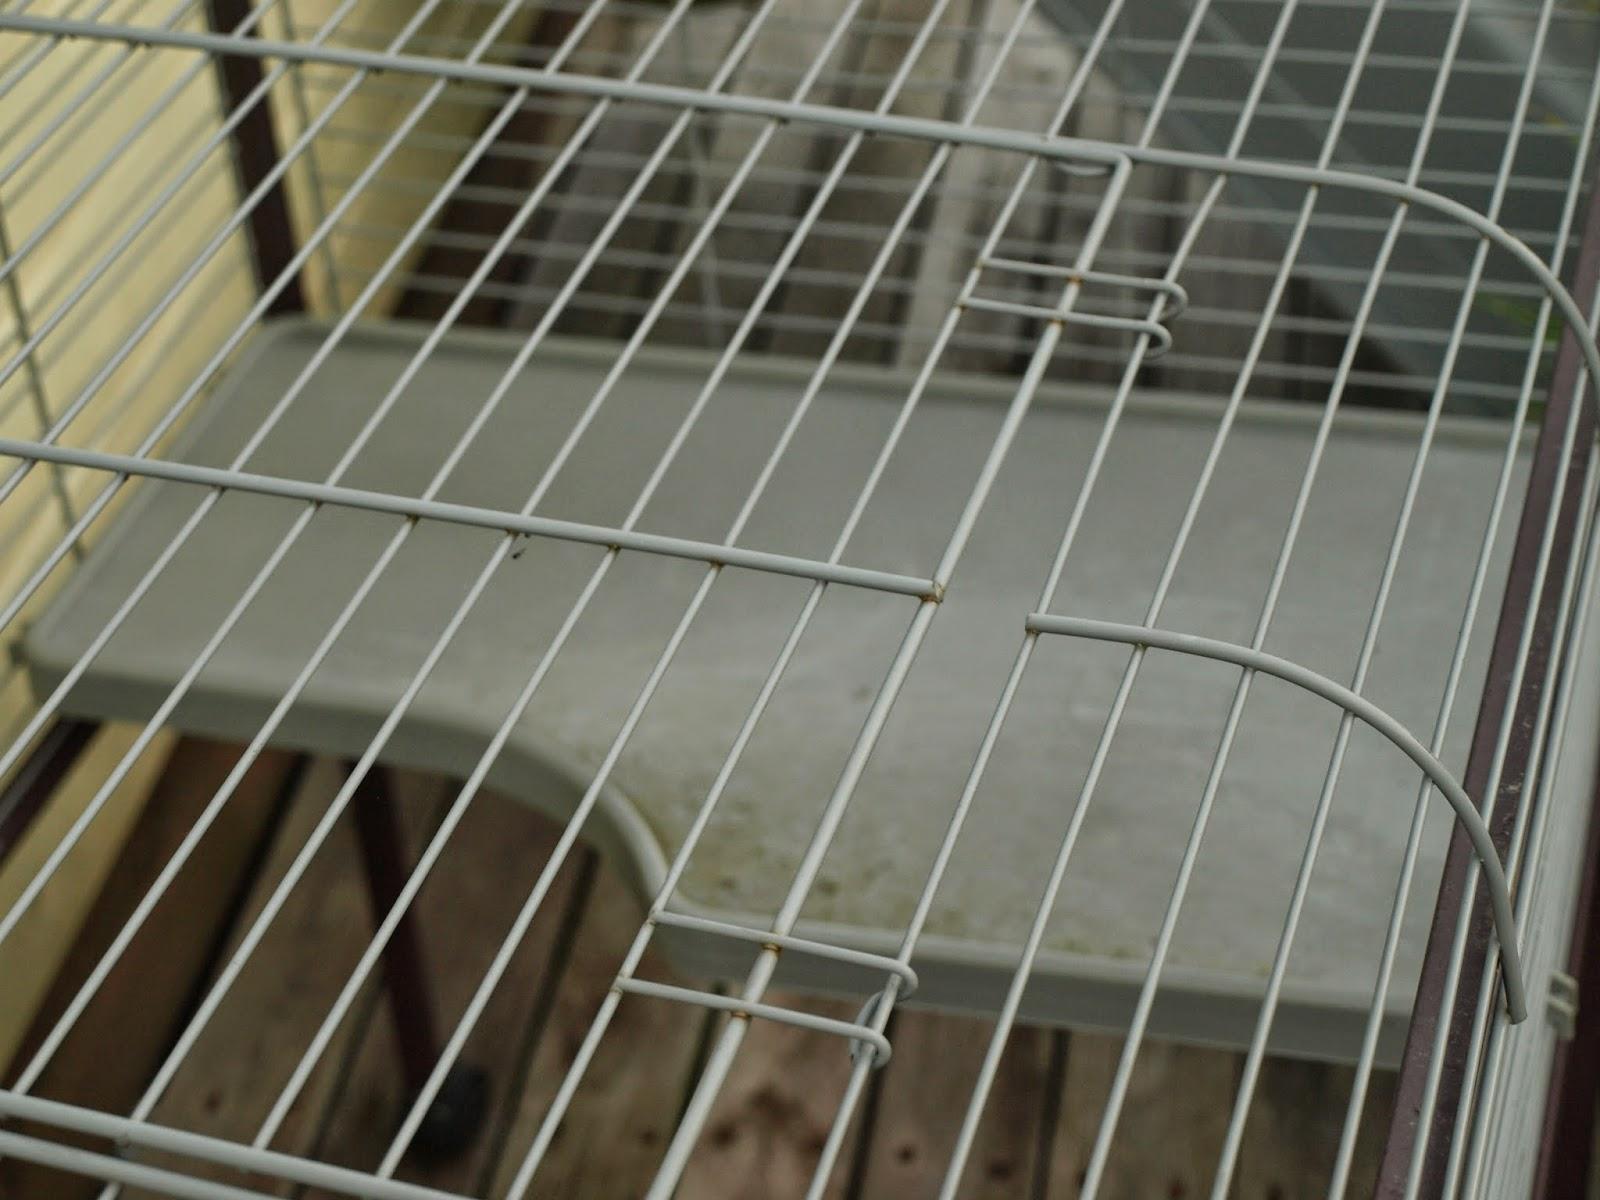 myydään kanin häkki jyväskylä